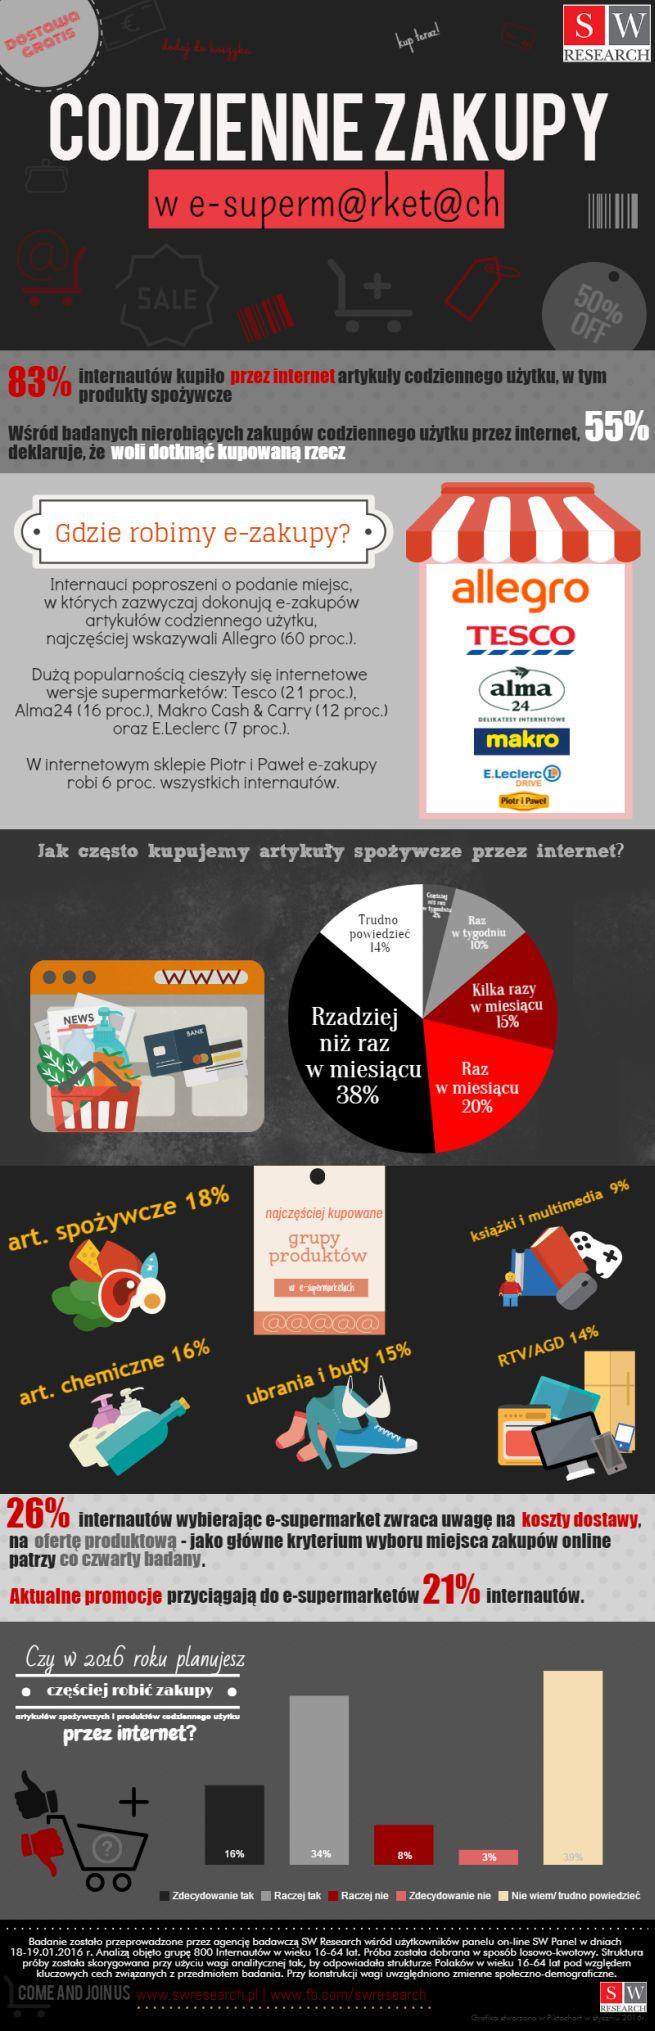 Robienie zakupów spożywczych online staje się coraz popularniejsze. 83% internautów przynajmniej raz dokonało zakupów codziennego użytku, w tym artykułów spożywczych za pośrednictwem sieci.